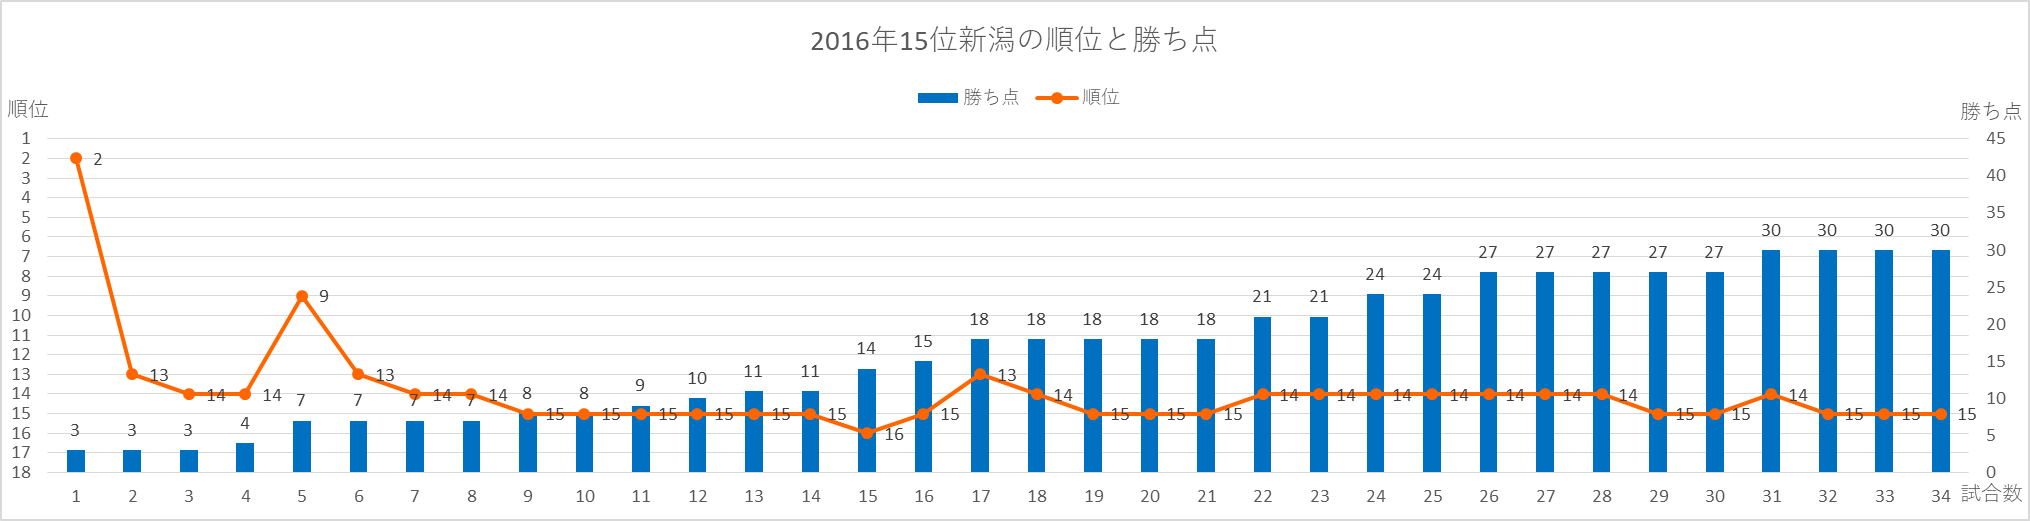 2016年新潟の順位と勝ち点の推移